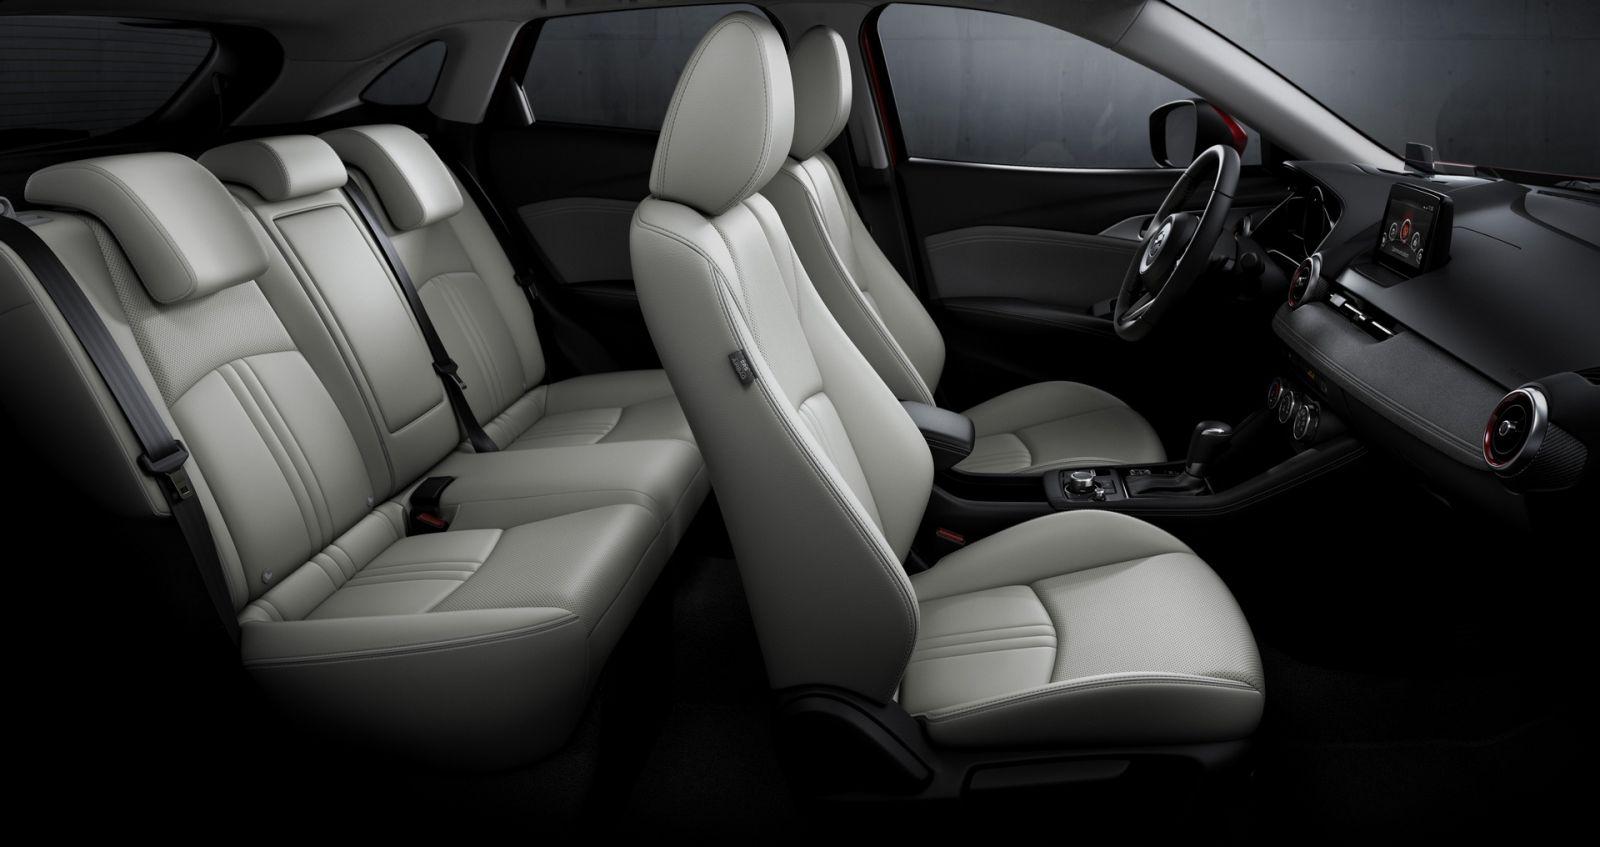 Phiên bản duy nhất của Mazda CX-3 2020 giá hơn 500 triệu có gì đặc biệt?